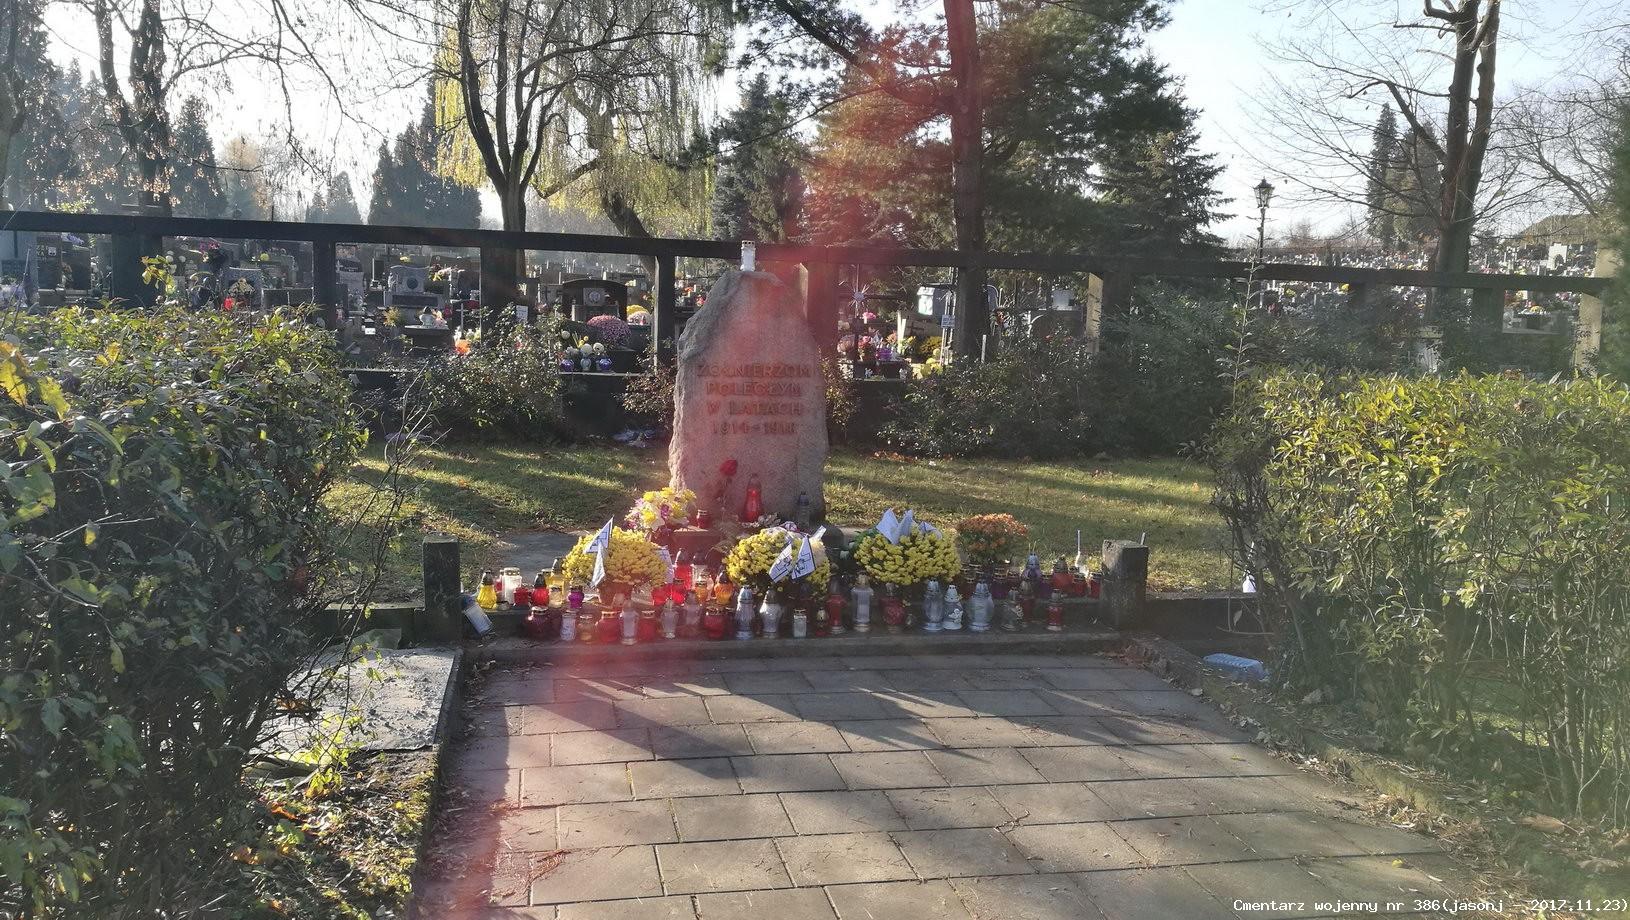 Cmentarz wojenny z I wojny nr 386 - Kraków / Podgórze (cm. komunalny)